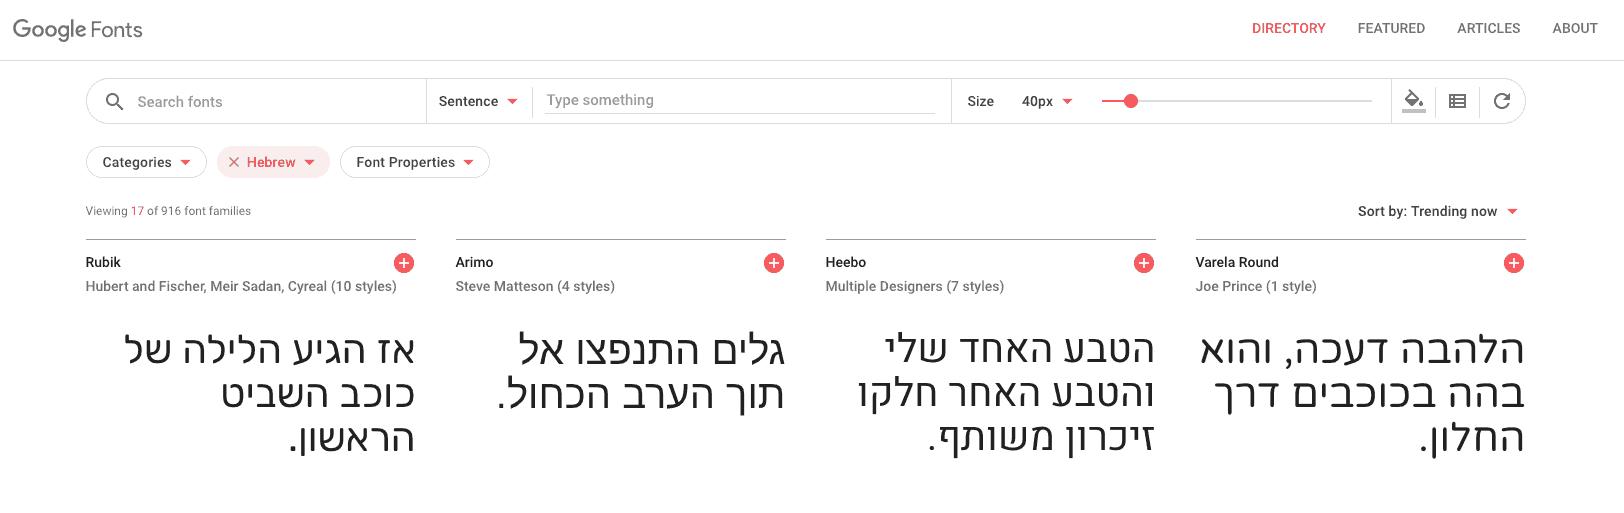 גוגל פונטס פונטים חינמיים בעברית